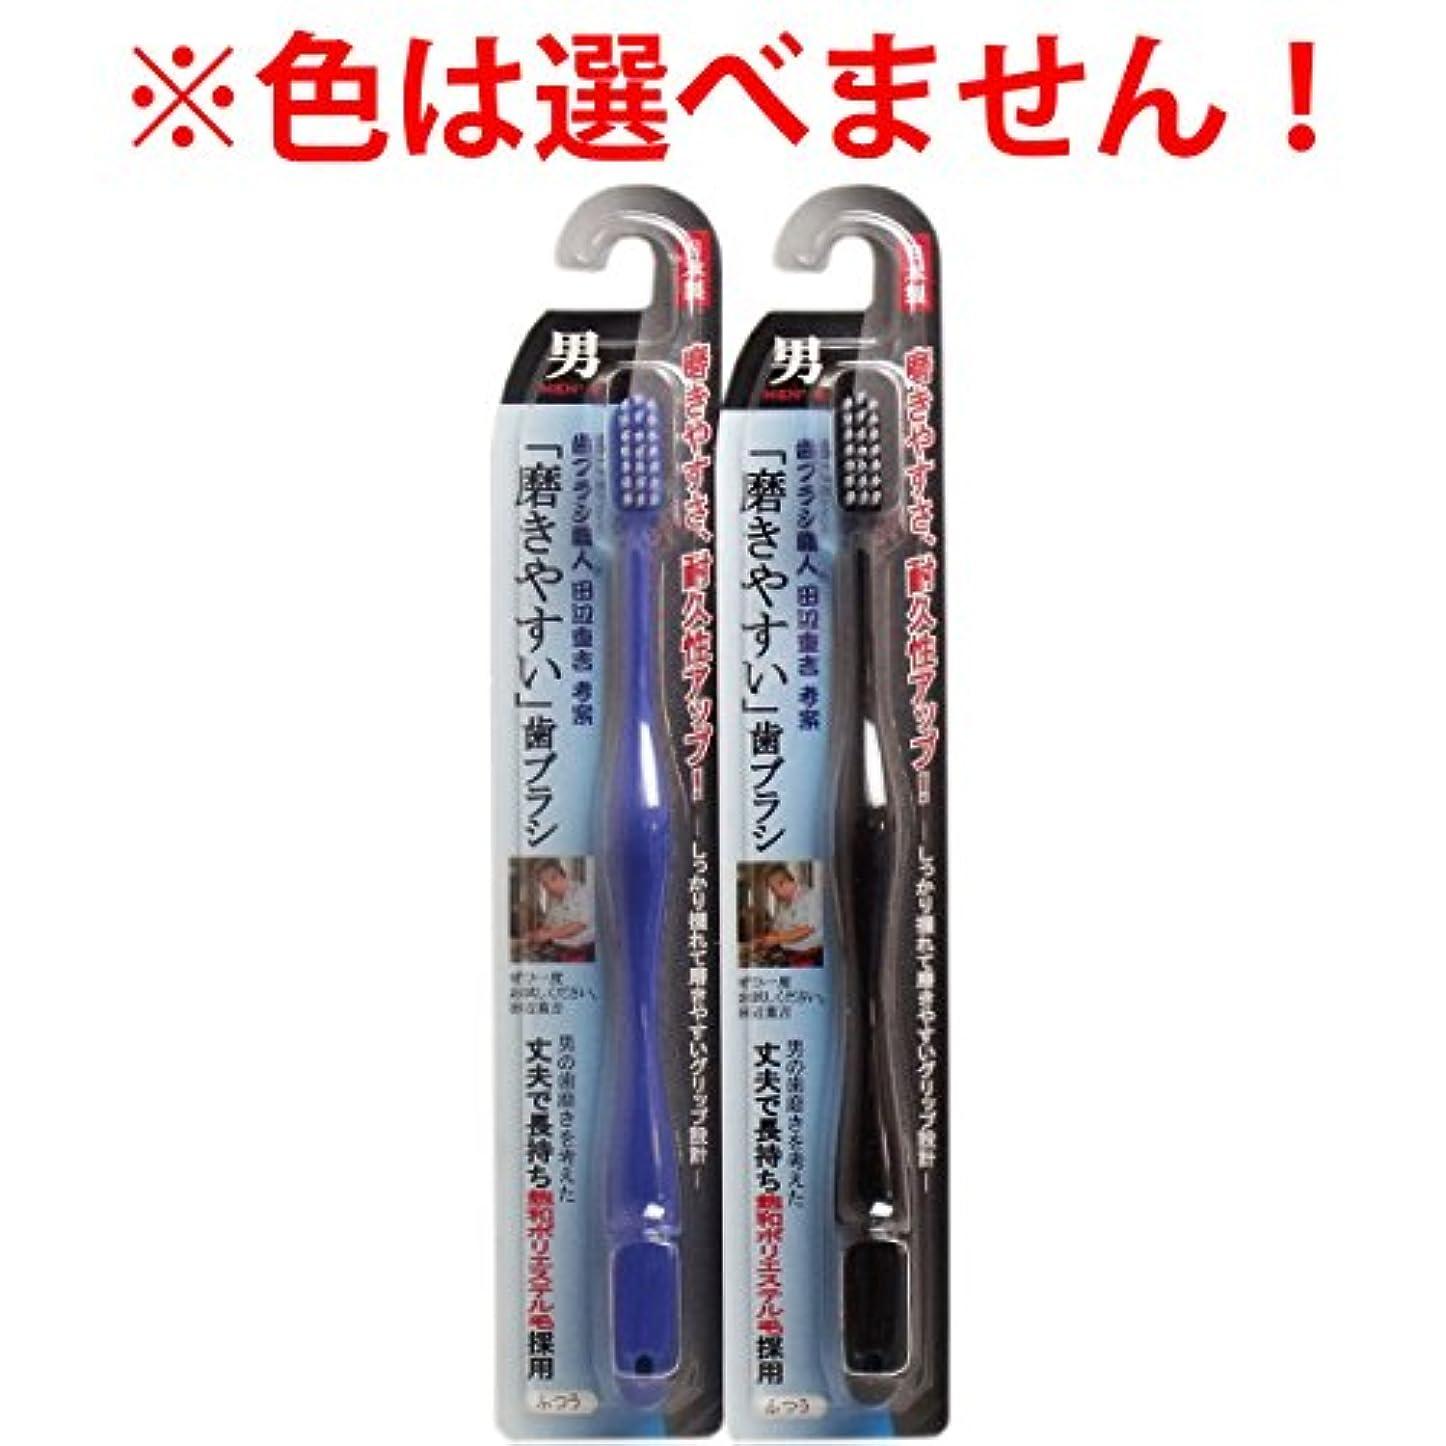 ドライバと南極ライフレンジ 「磨きやすい」歯ブラシ男 LT-08 1本